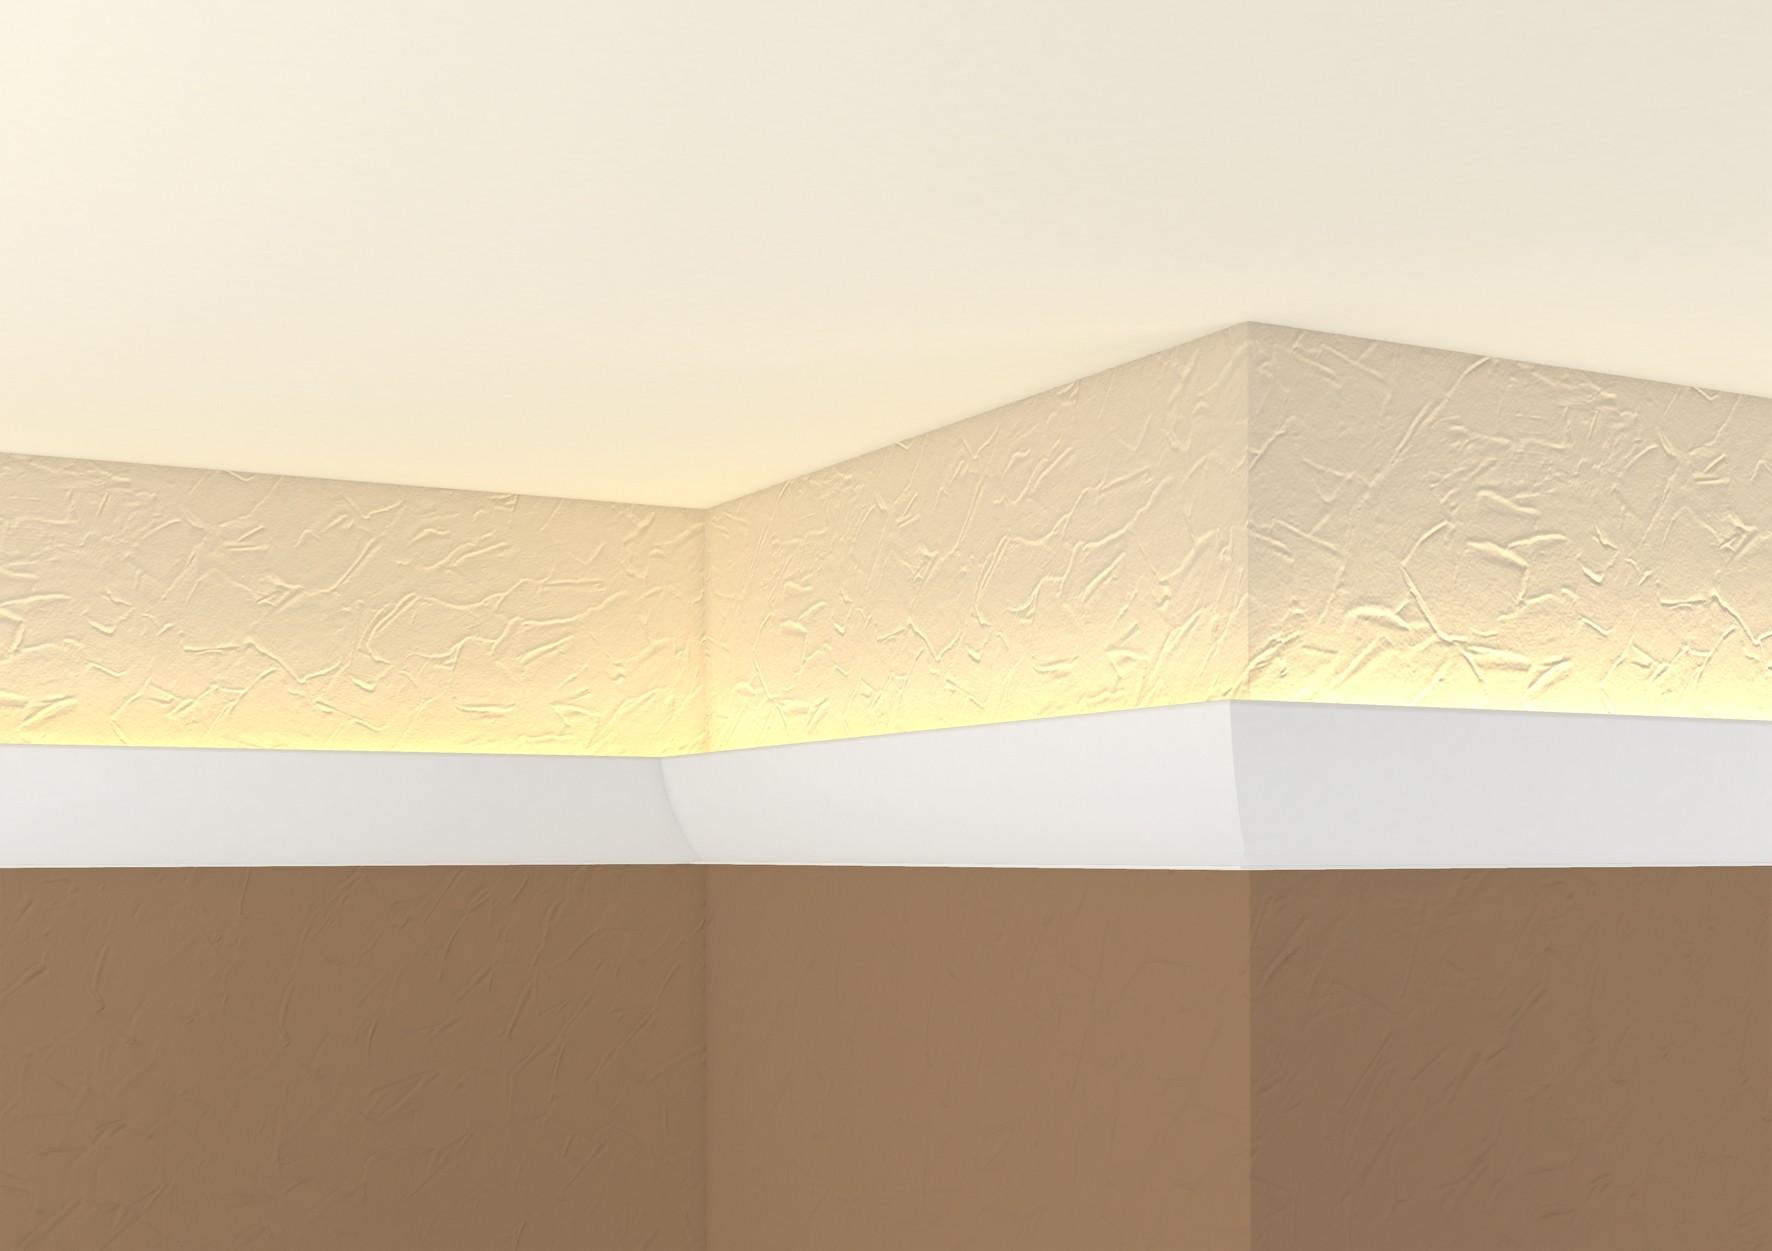 Lichtleisten f r indirekte beleuchtung pvg - Lichtleiste wand ...